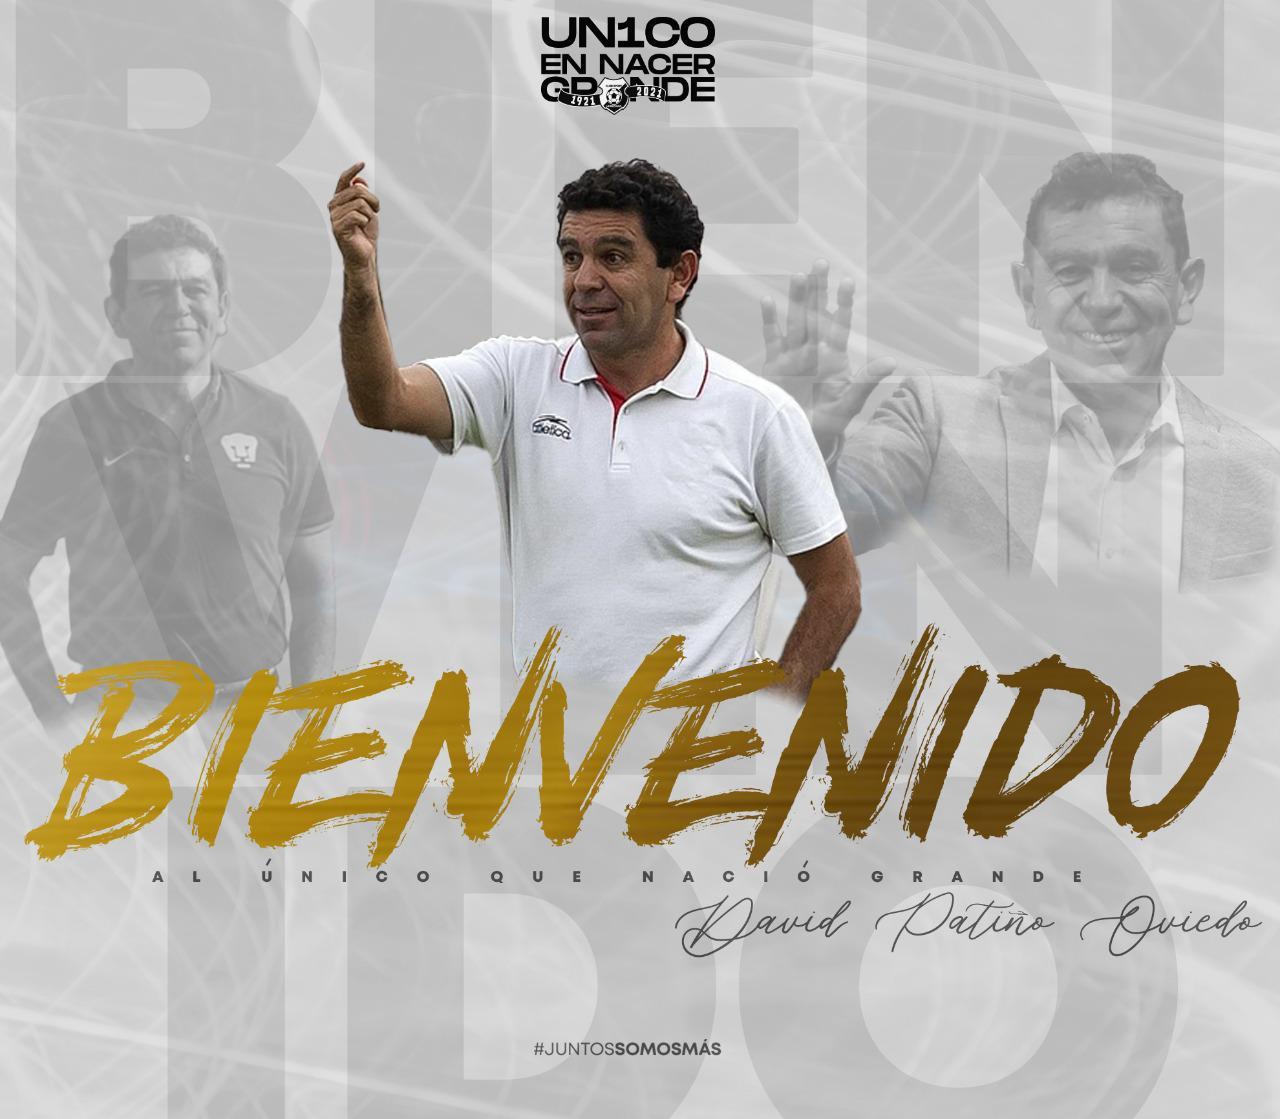 El mexicano David Patiño es el nuevo técnico del Herediano.